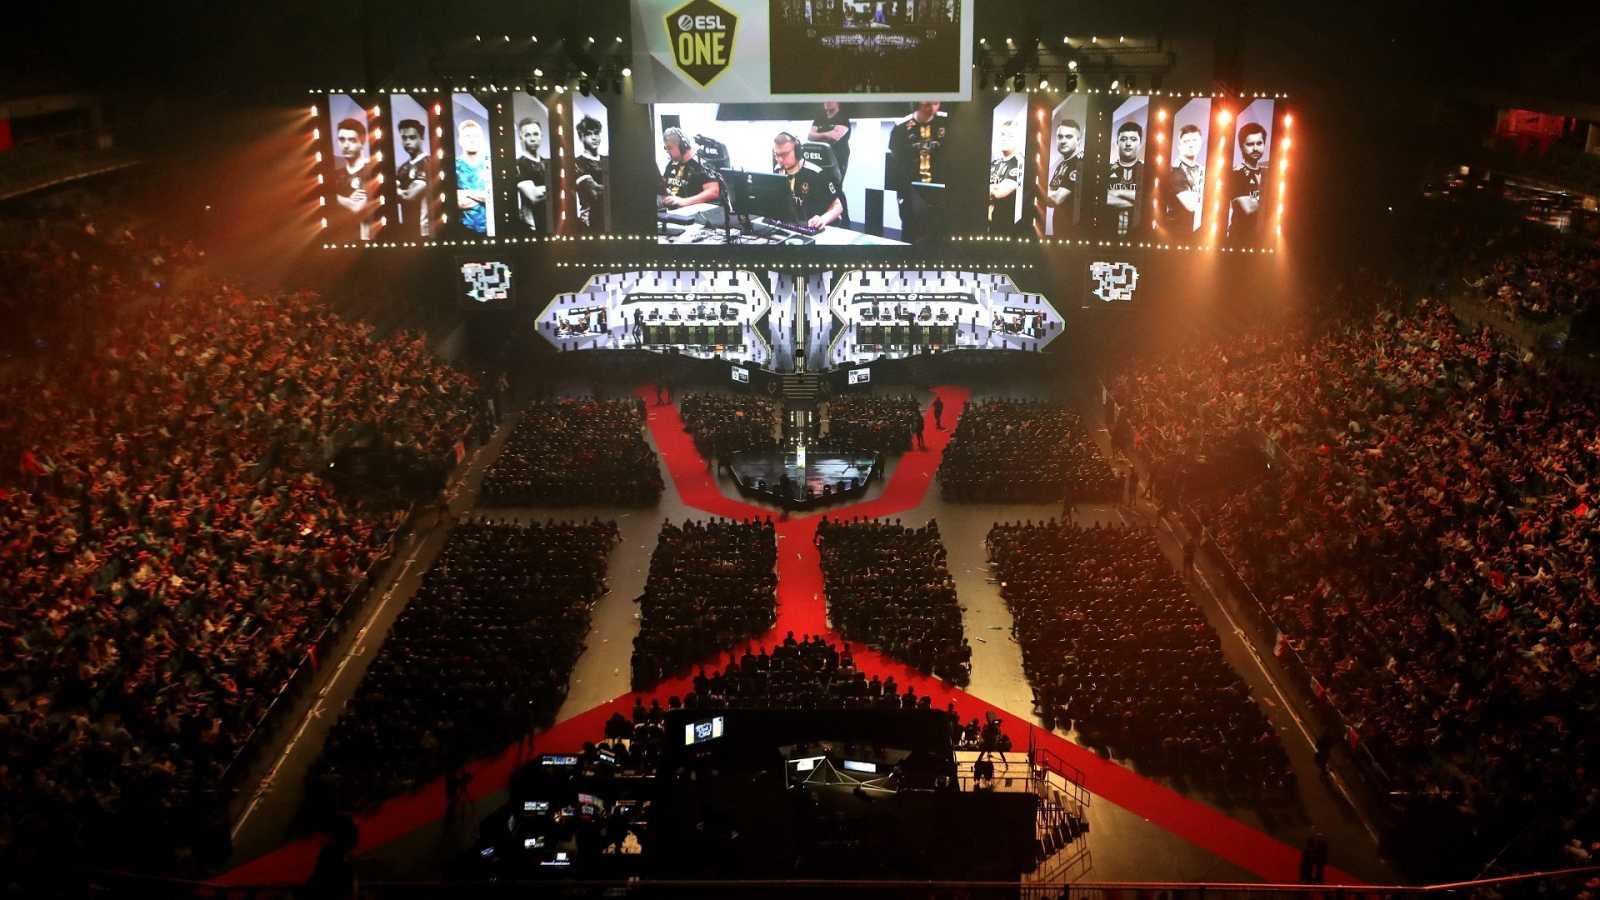 Espectadores siguen el evento ESL One en el LANXESS Arena en Colonia, Alemania